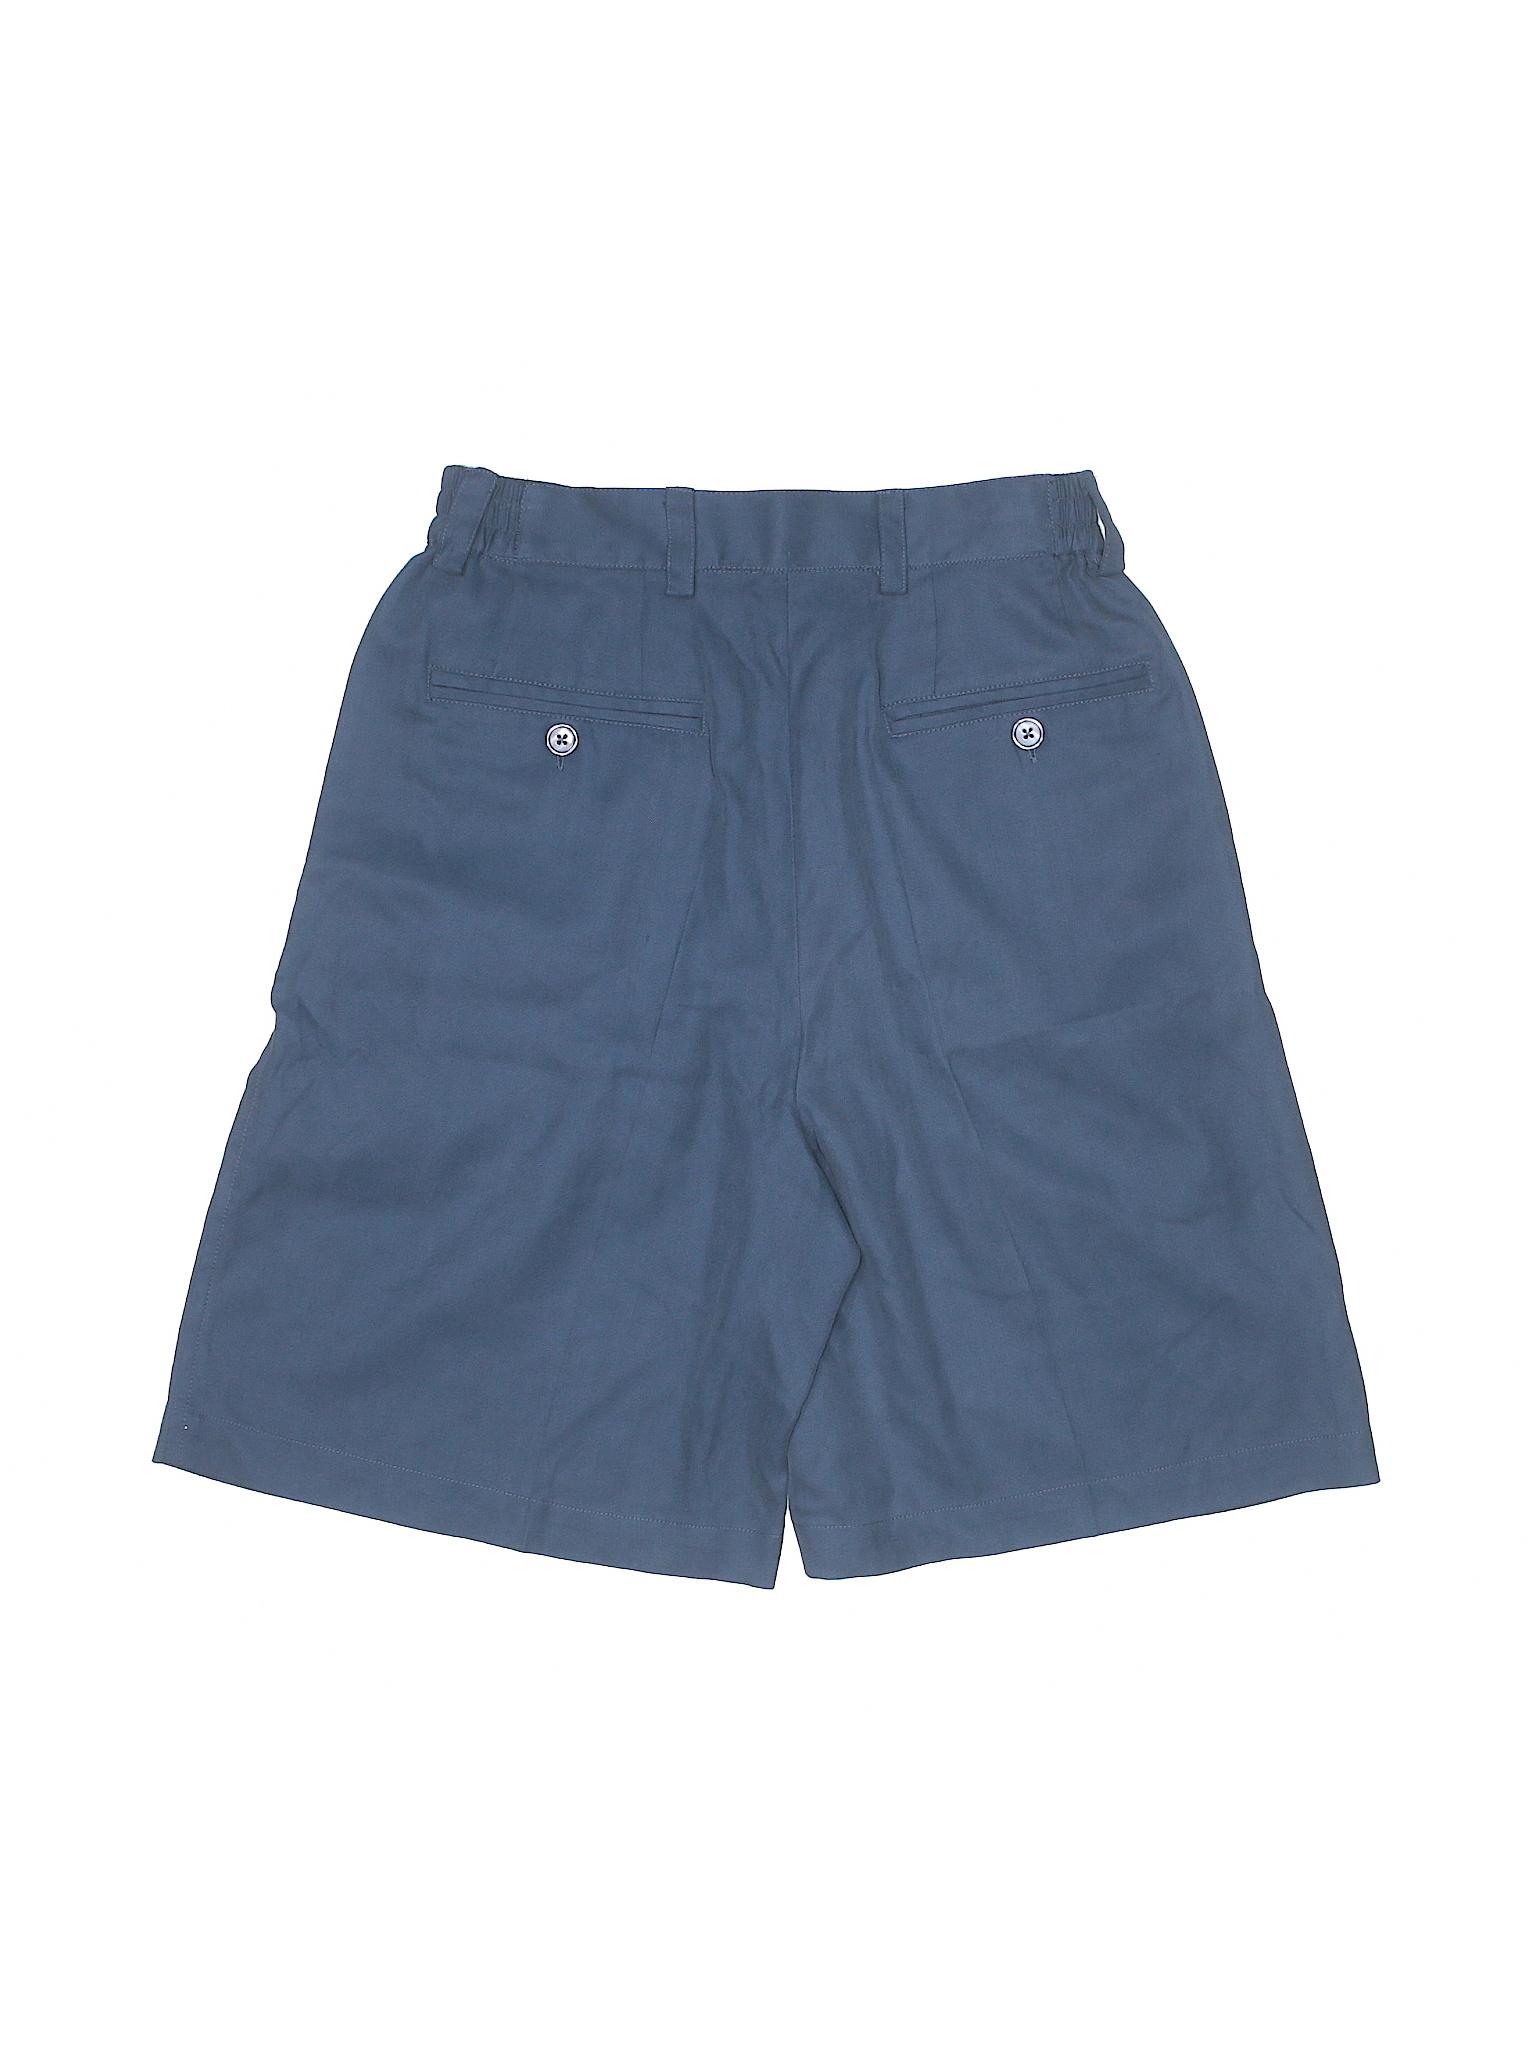 Creek Shorts Boutique Boutique Shorts Coldwater Creek Coldwater Boutique xq40xwY8S